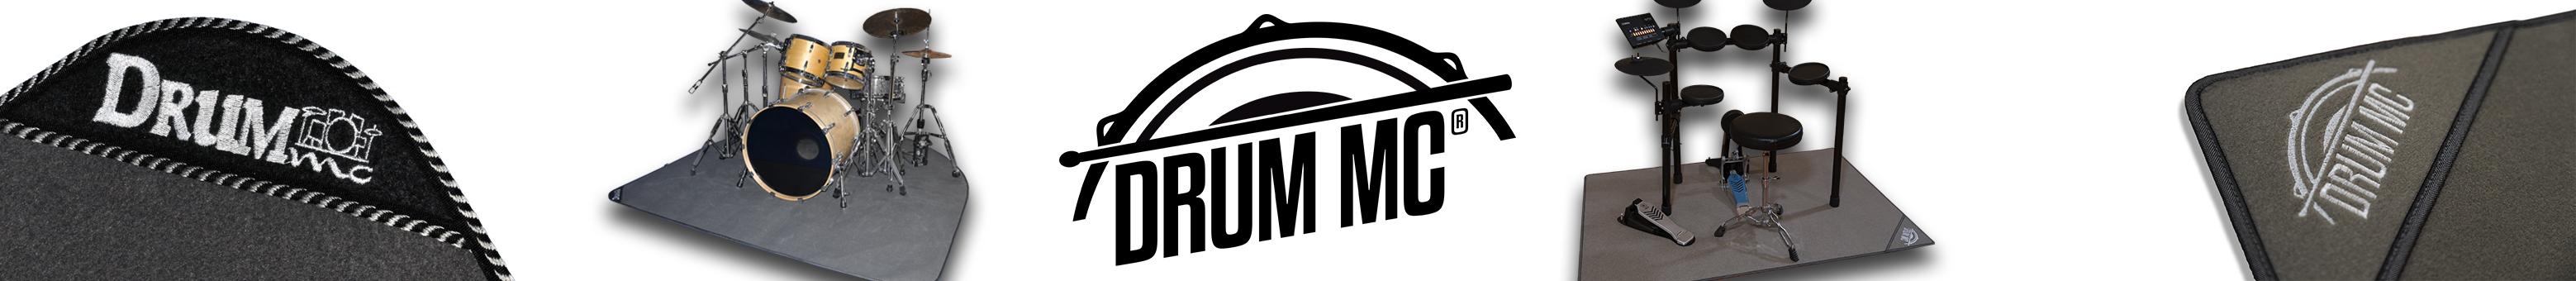 Drum MC